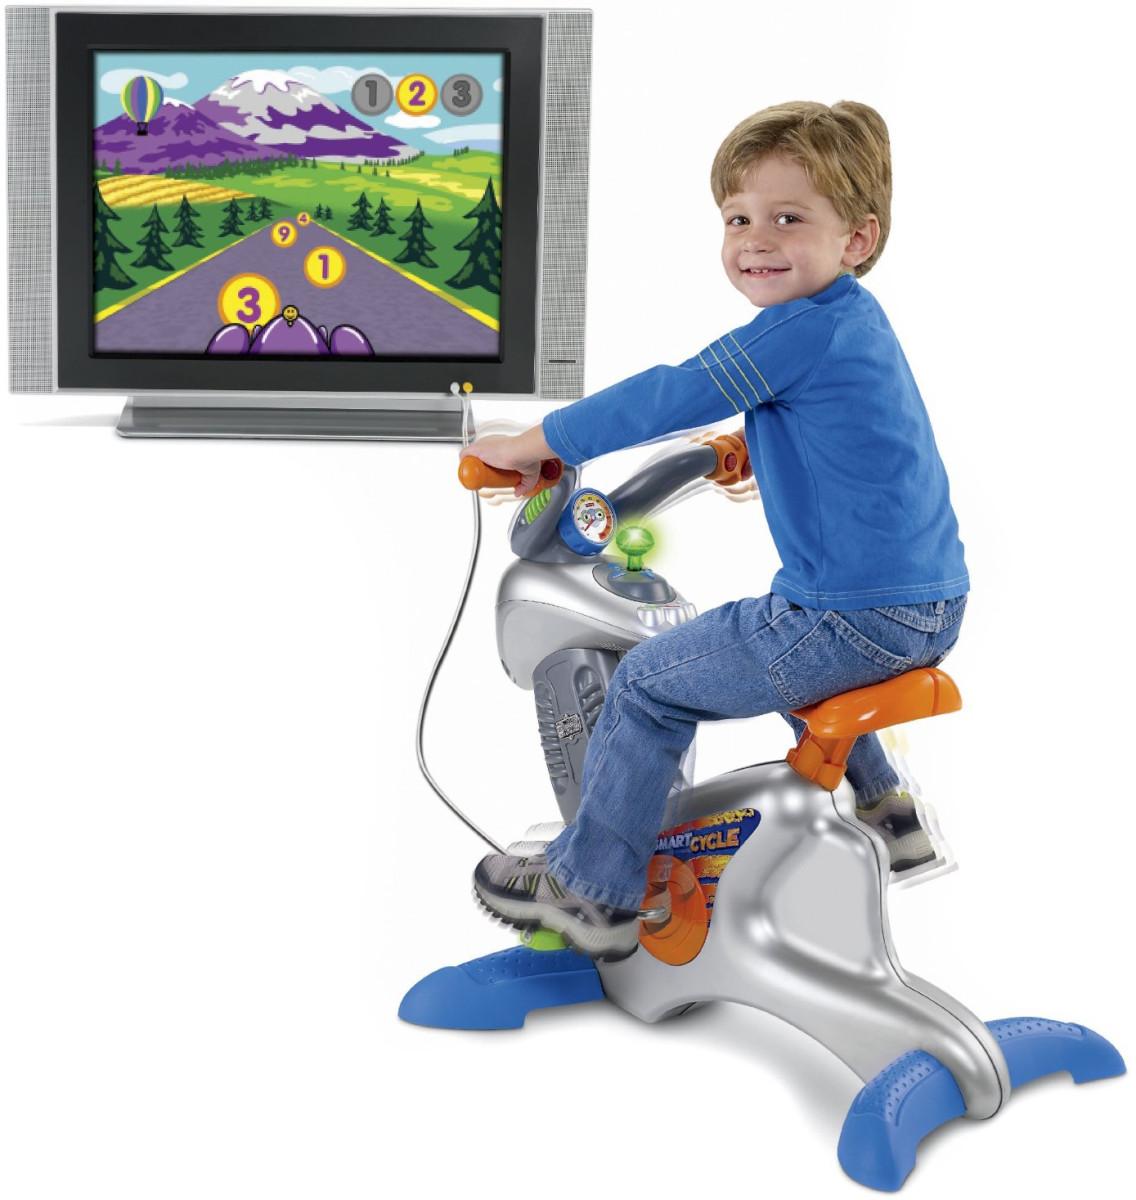 Kids Exercise Bikes For Children - Junior Stationary ...